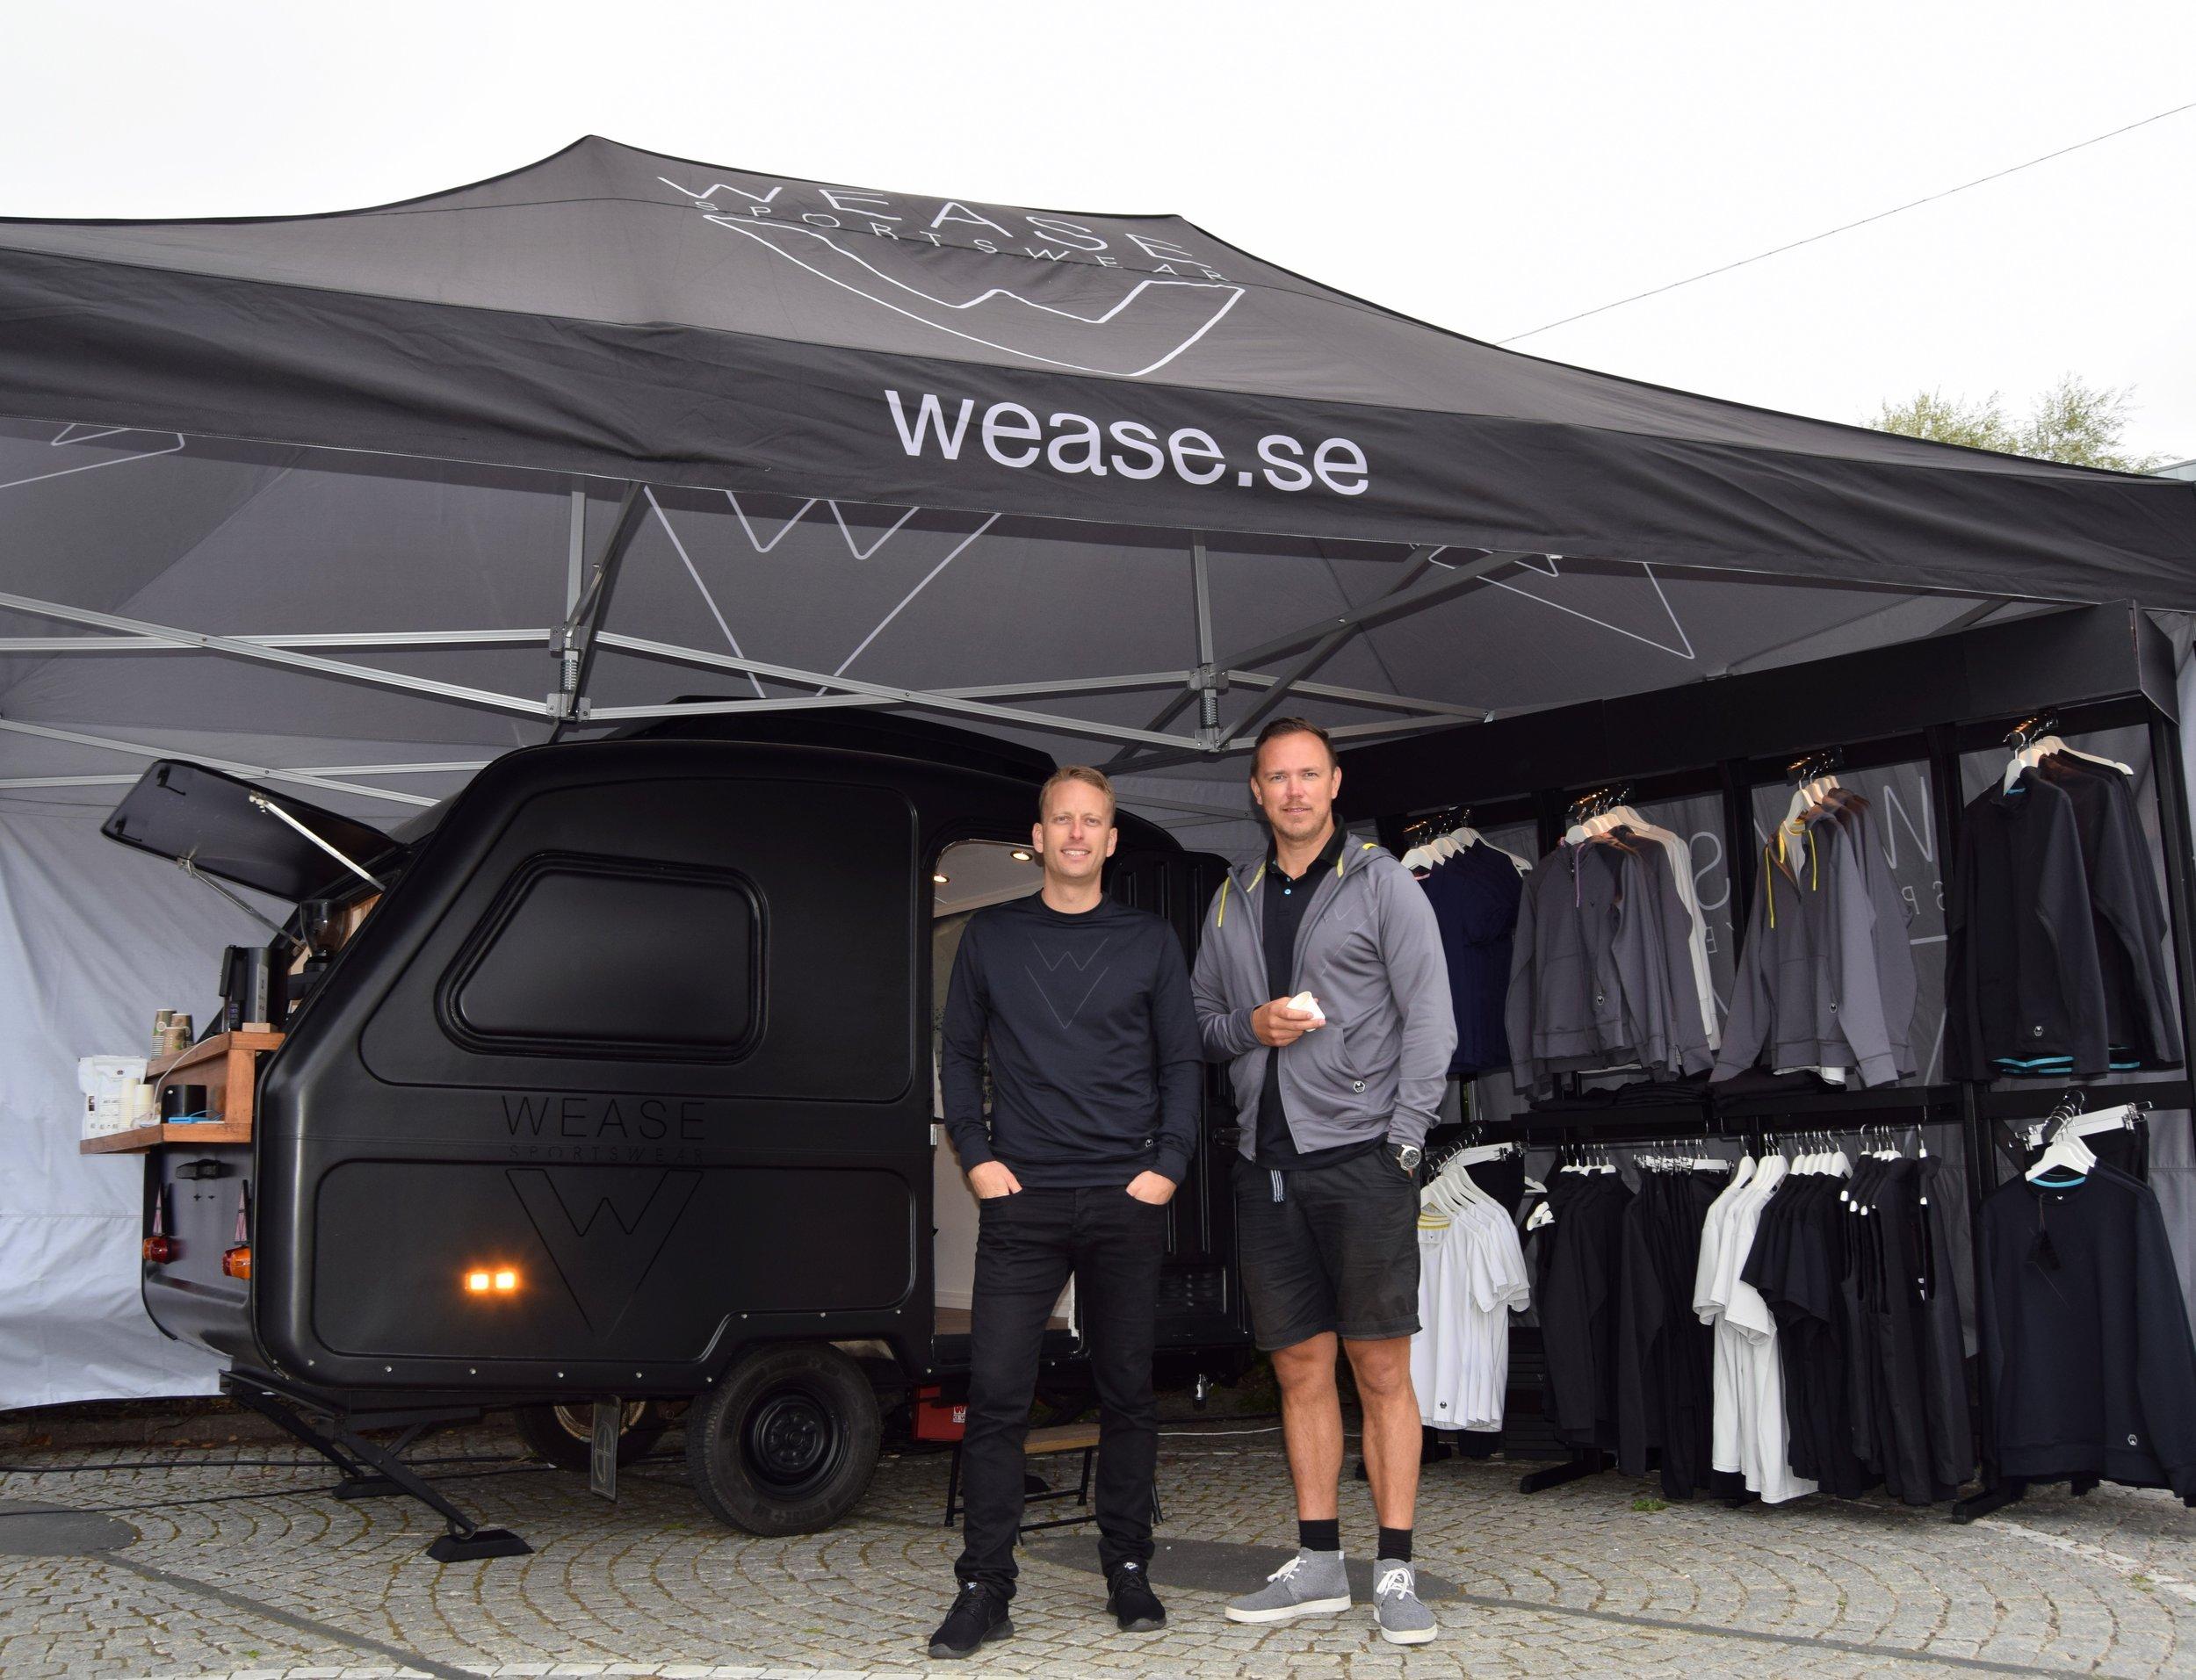 Fredrik Persson och Björn Lind i Wease egen Pop-up butik.